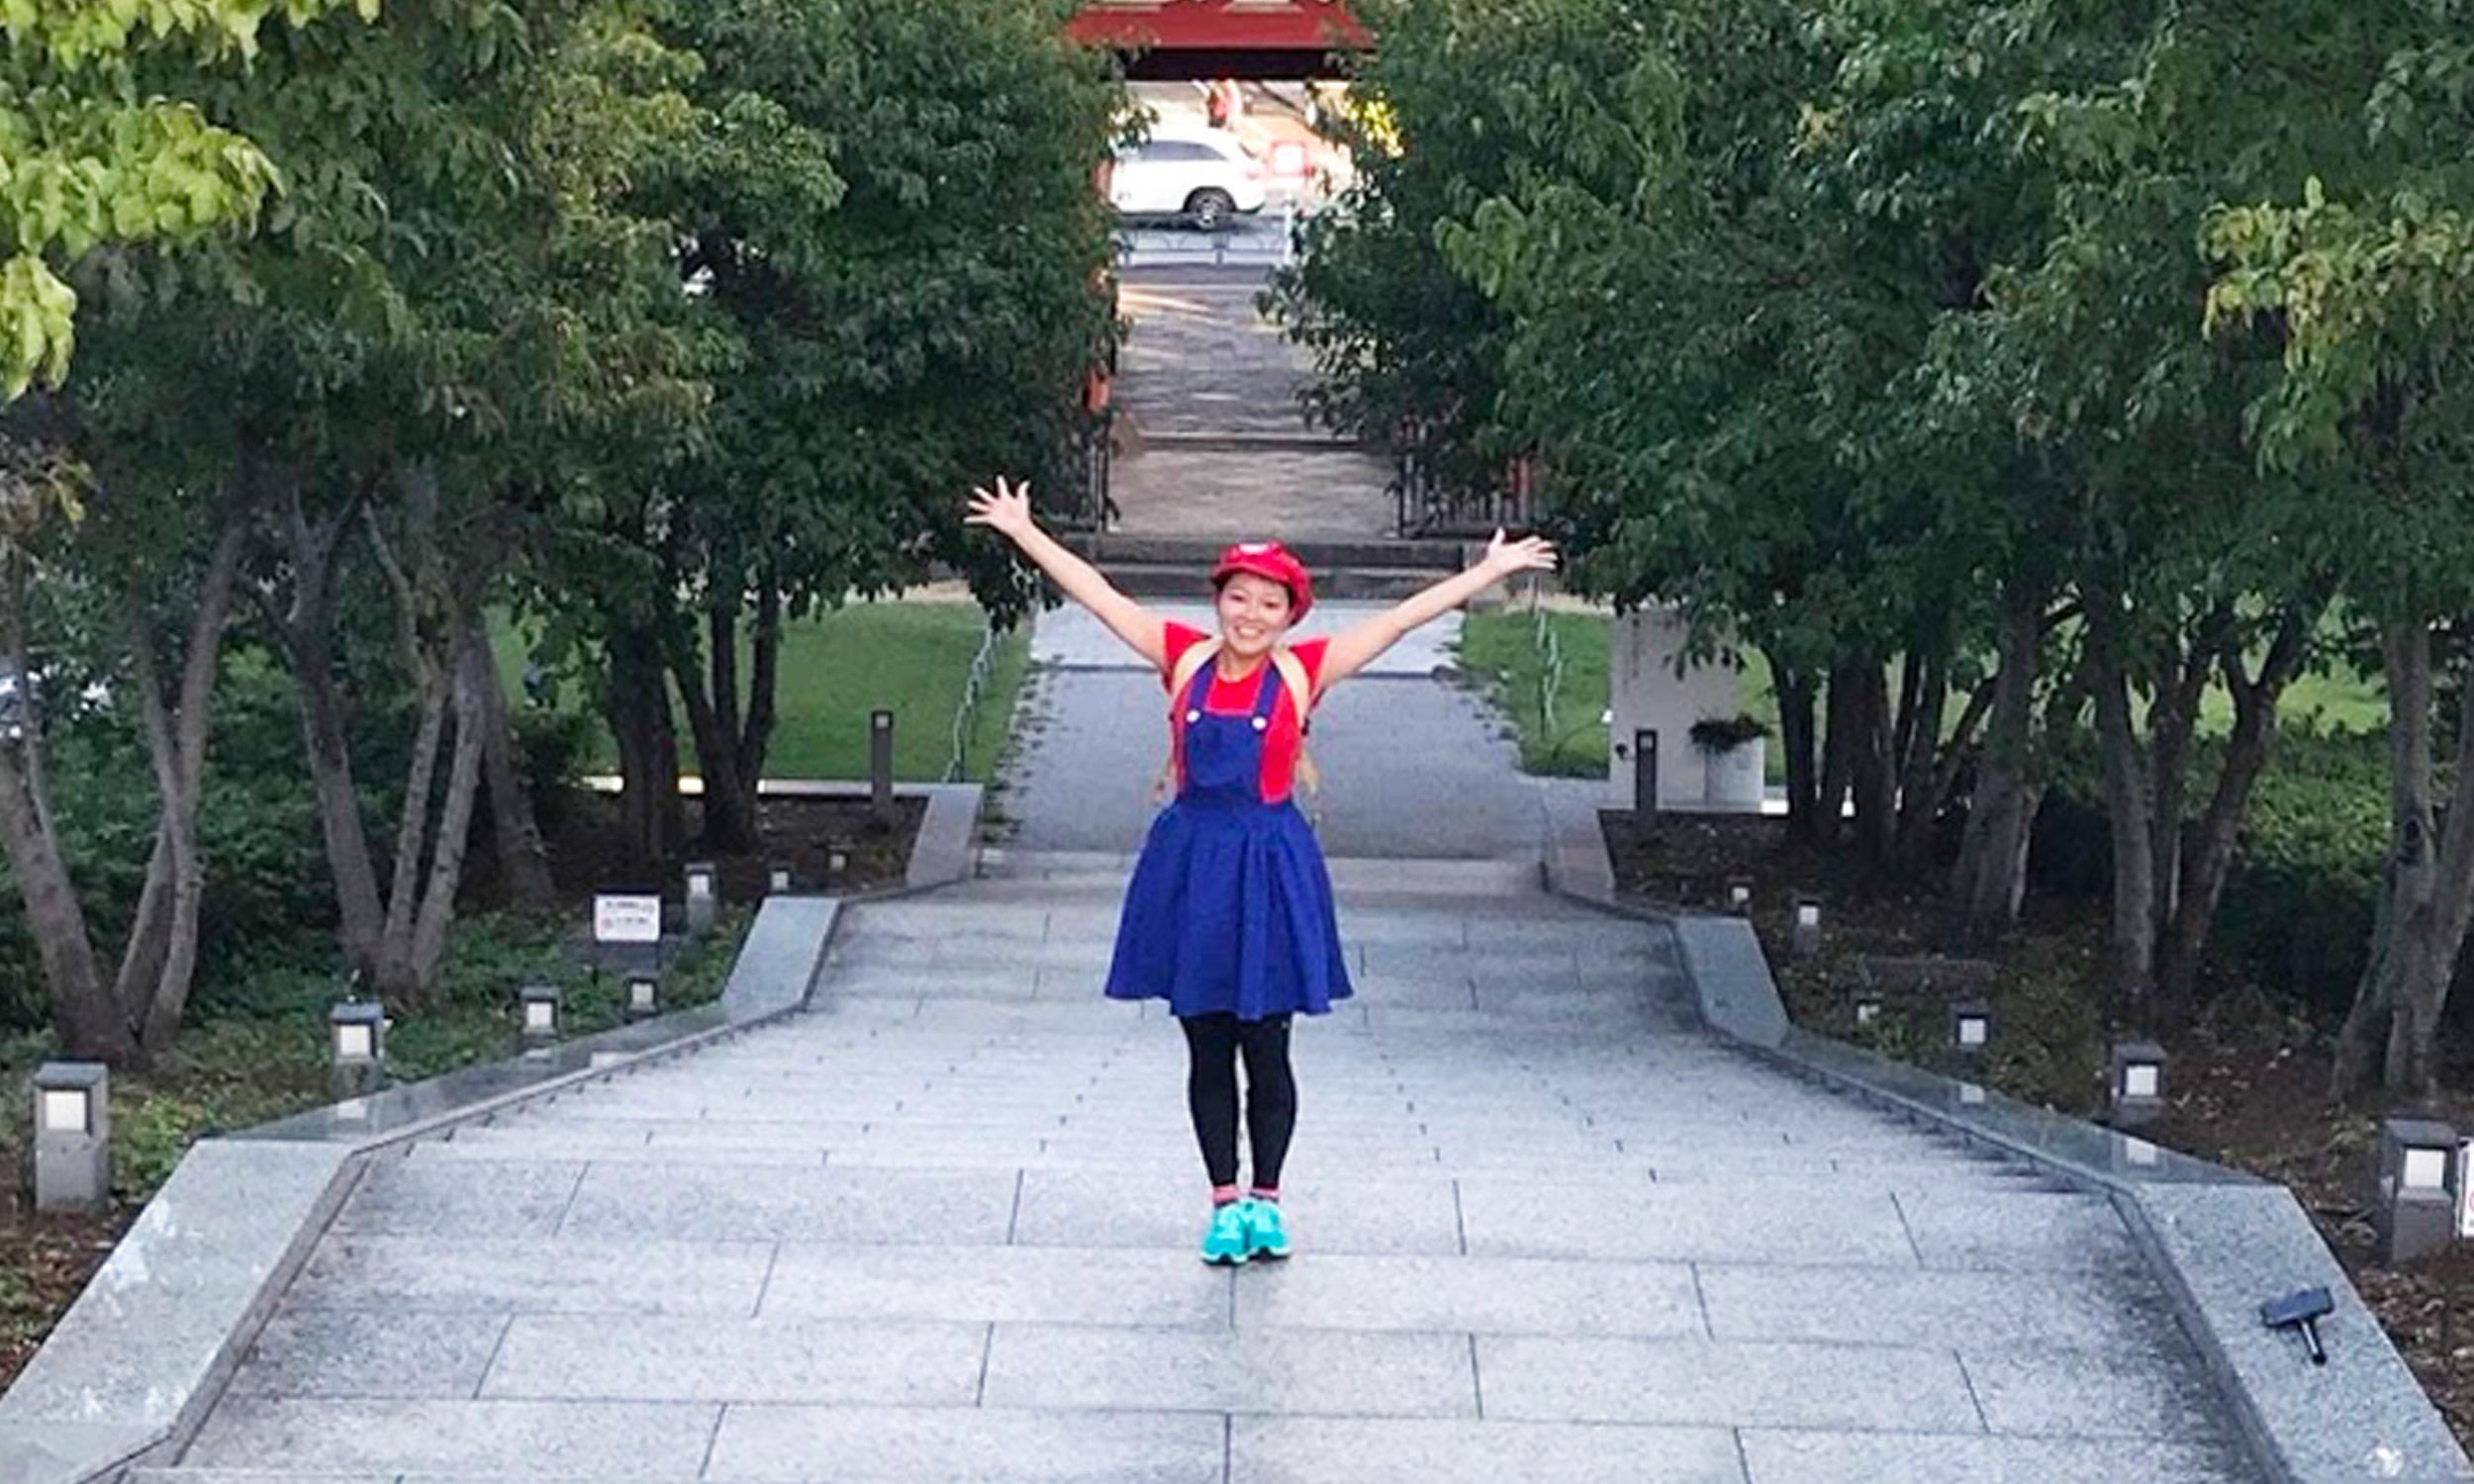 ハロウィンラン コスプレ ランナー マリオ 走りやすい コスプレ コス コスチューム マラソン ランニング 女性 かわいい 目立つ 応援 わかりやすい